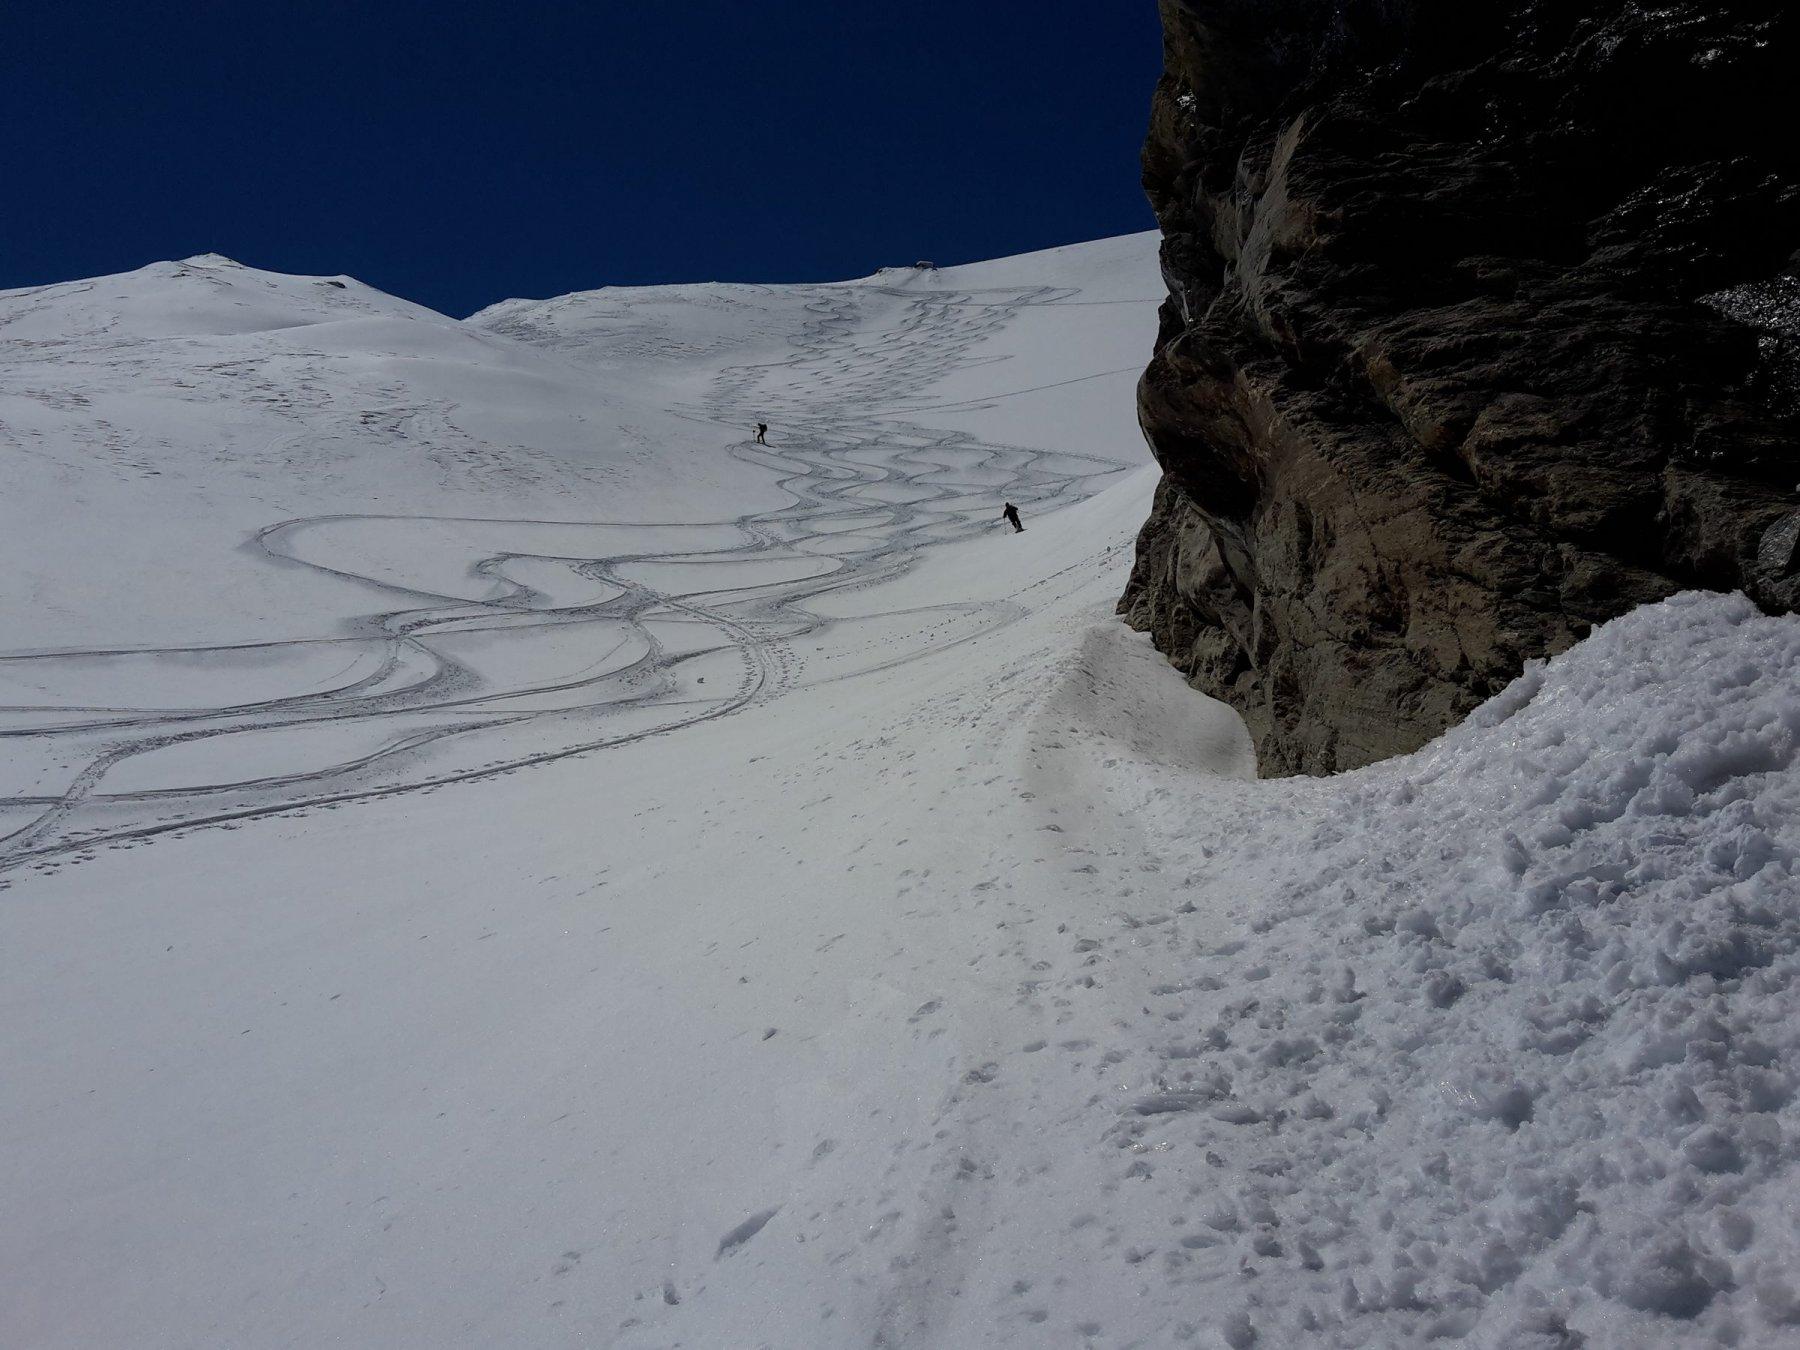 Verso q. 2800, parte superiore del lungo canale che porta al ghiacciaio